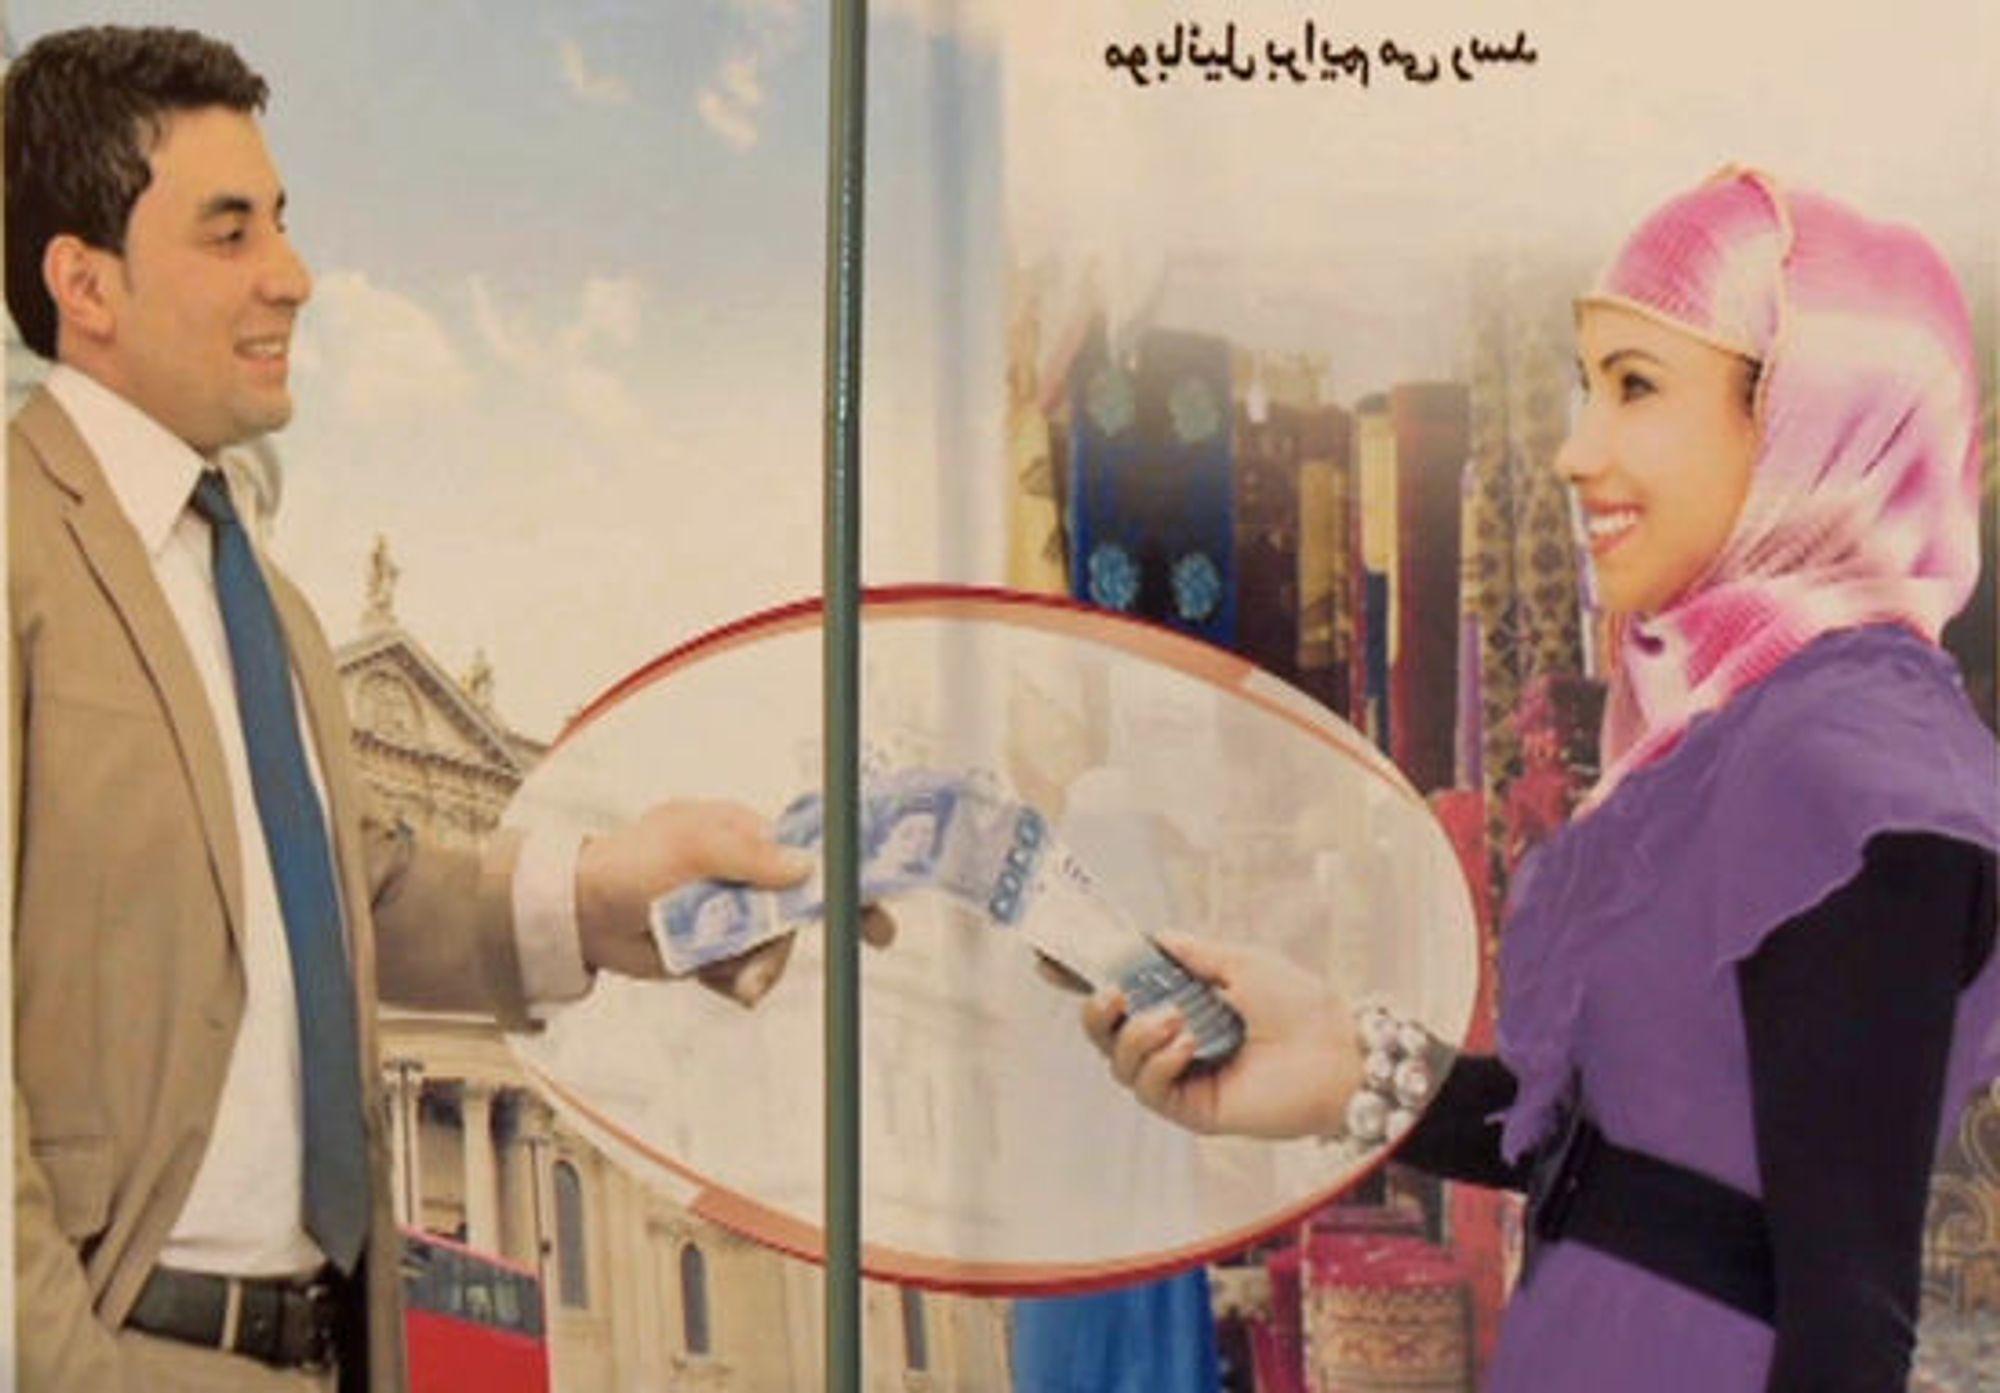 Reklameplakat for å erstatte kontanter med mobilbetaling.